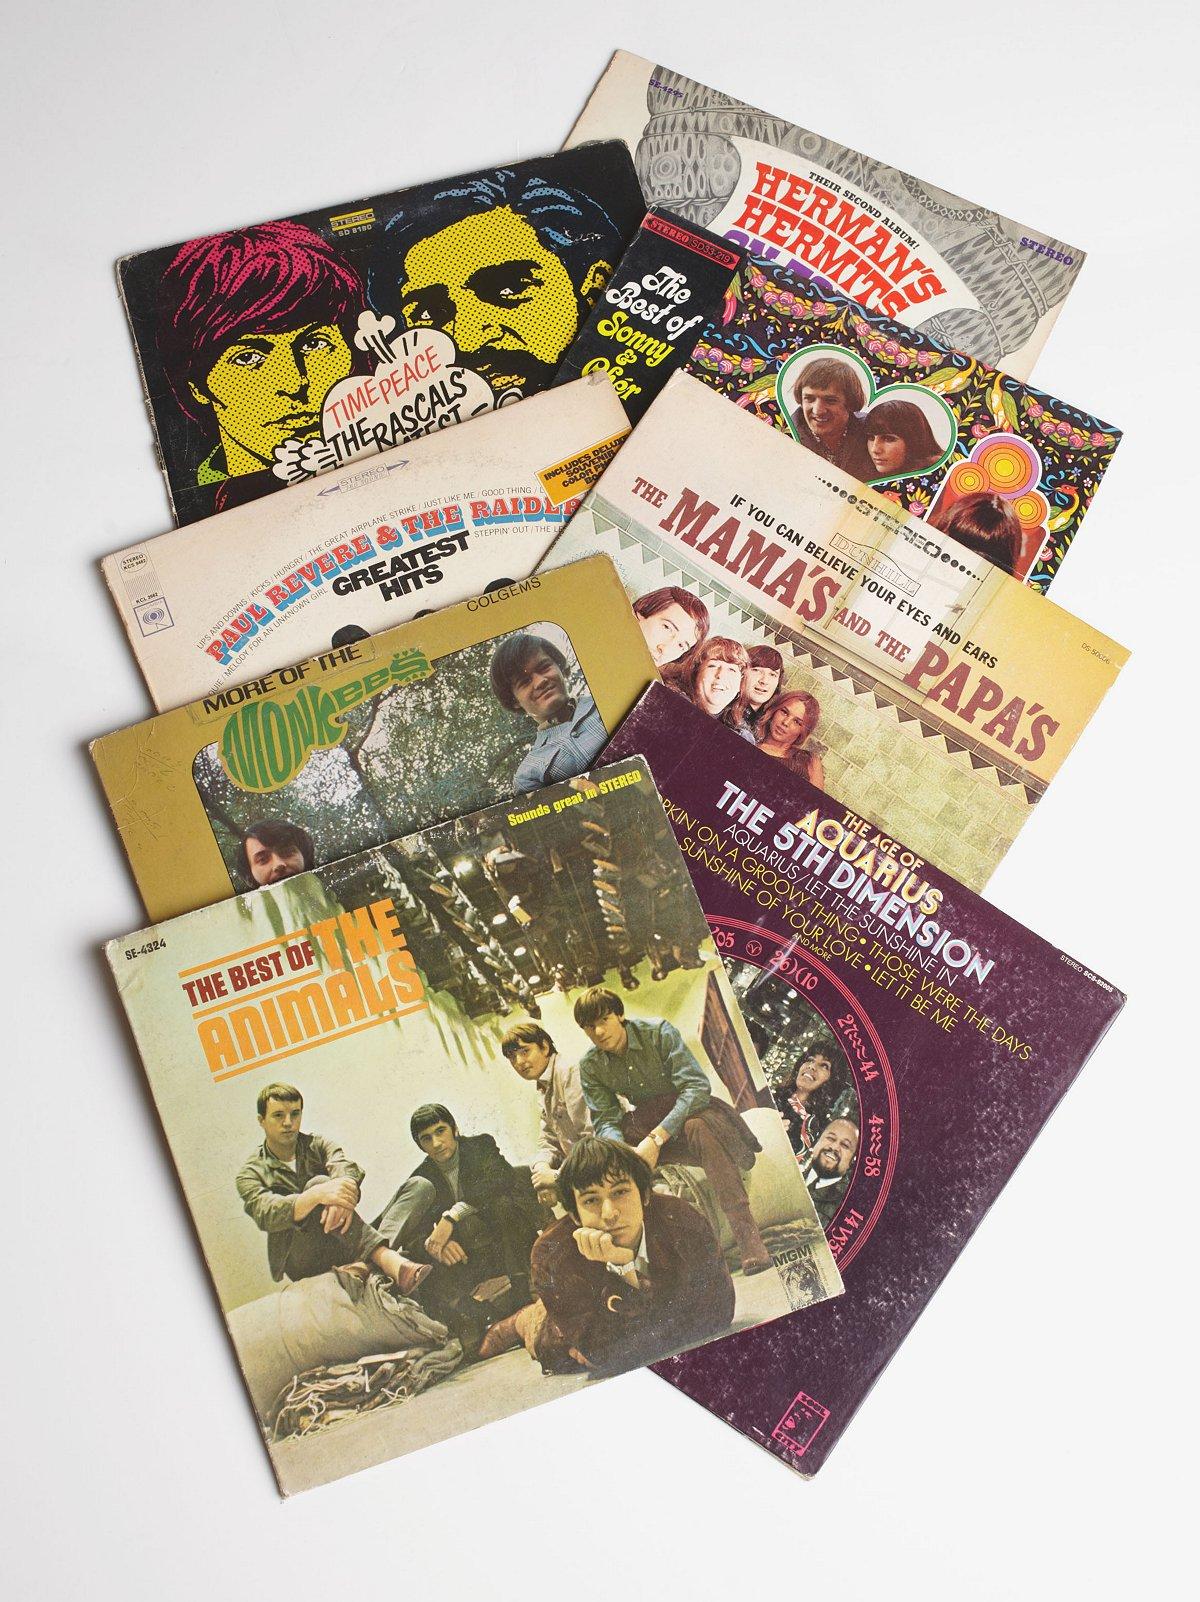 Vintage 60s Happy Pop Radio